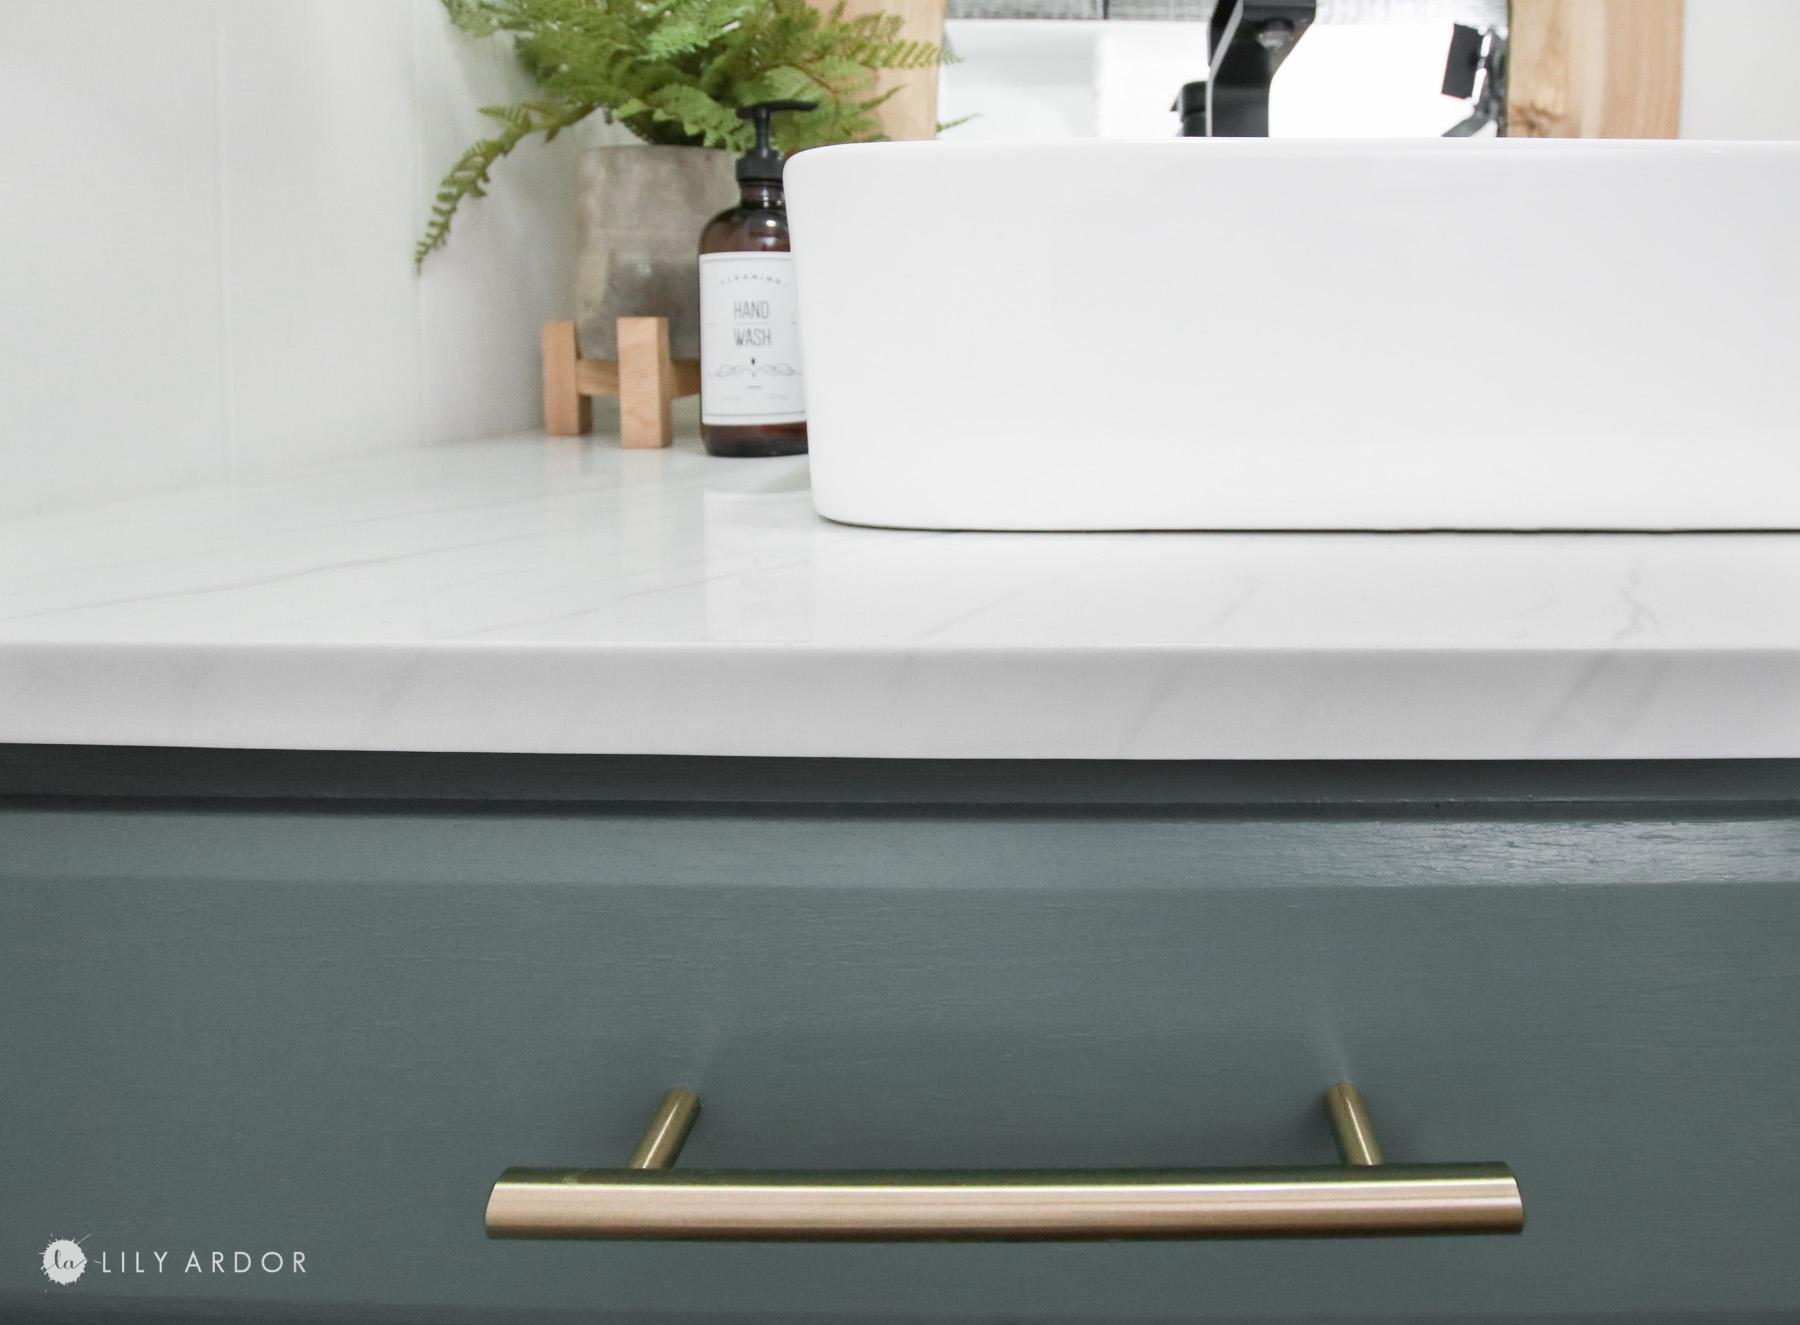 DIY Marble resin countertop